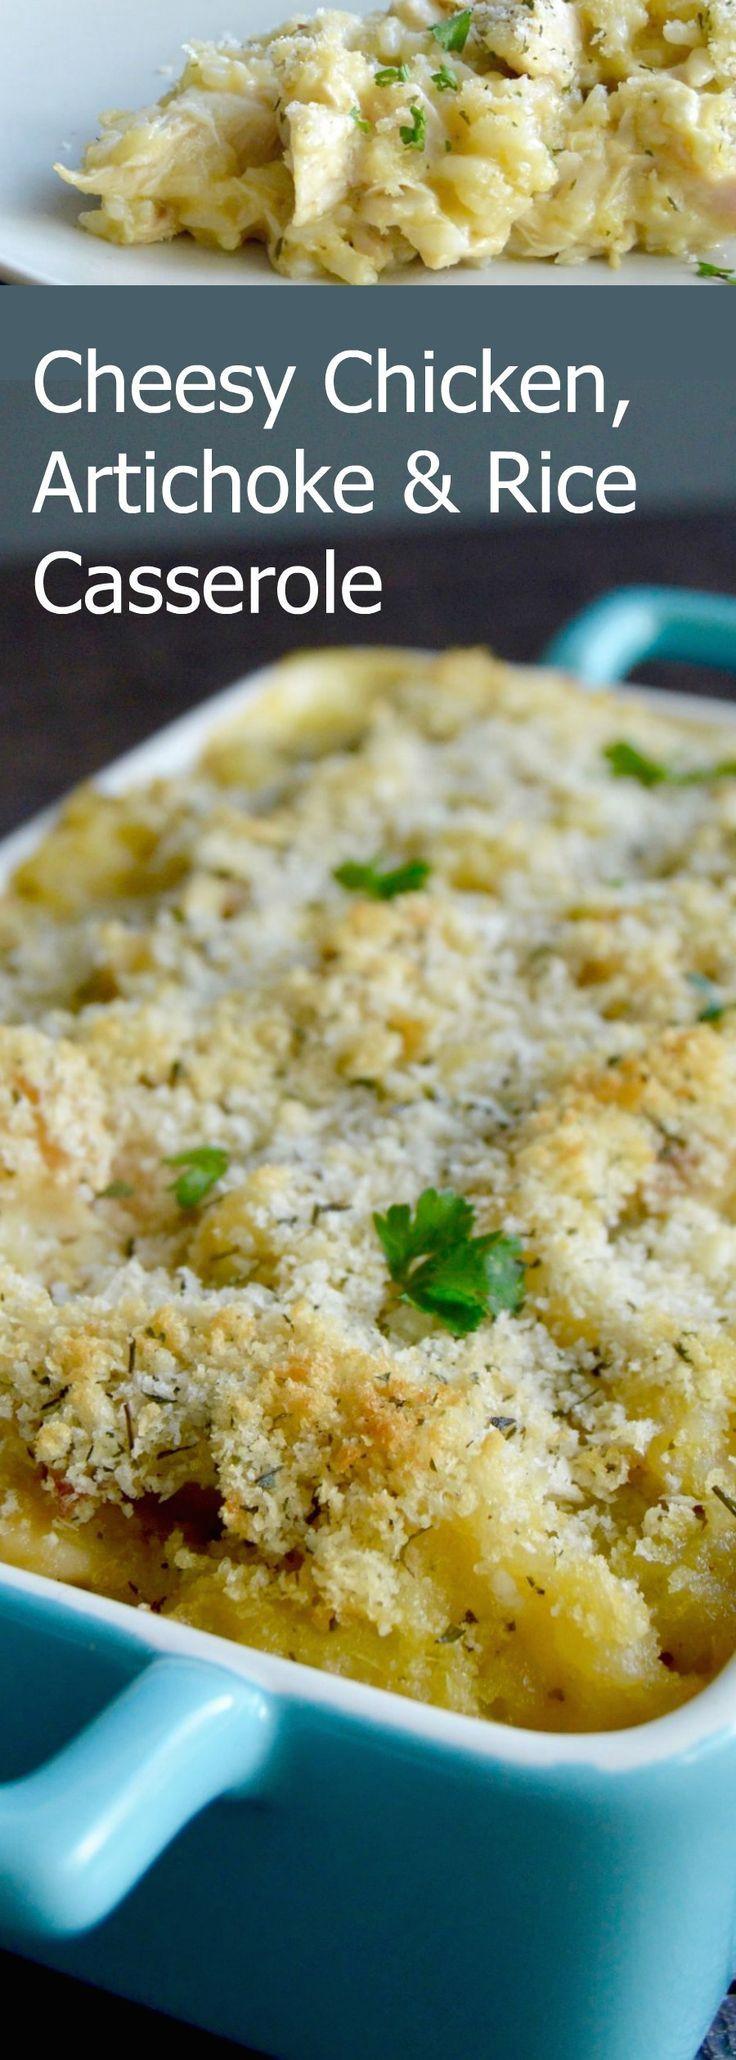 Chicken Artichoke Casserole Healthy  Best 25 Artichokes ideas on Pinterest